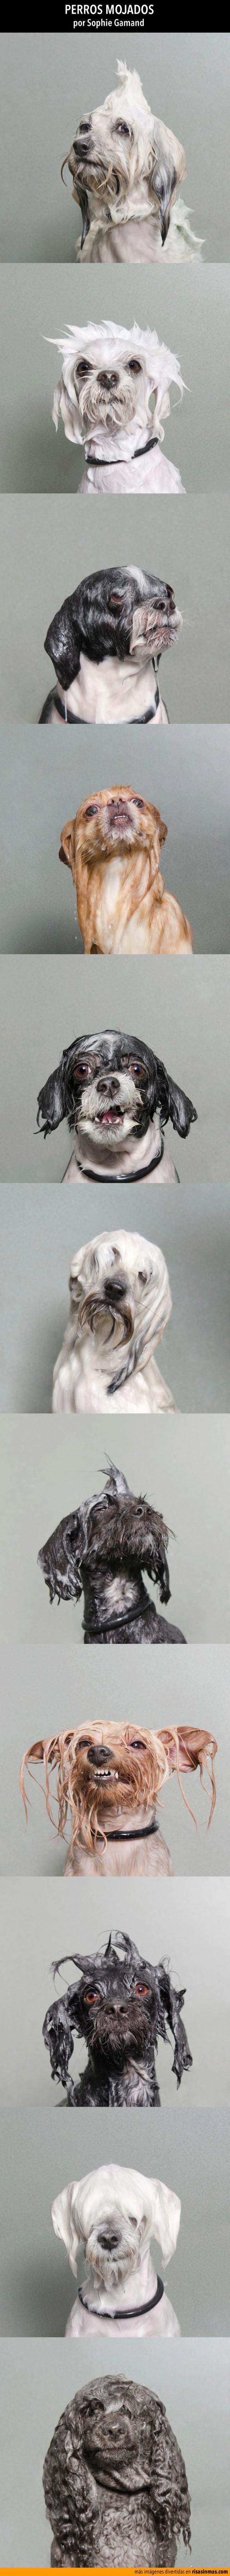 Perros mojados